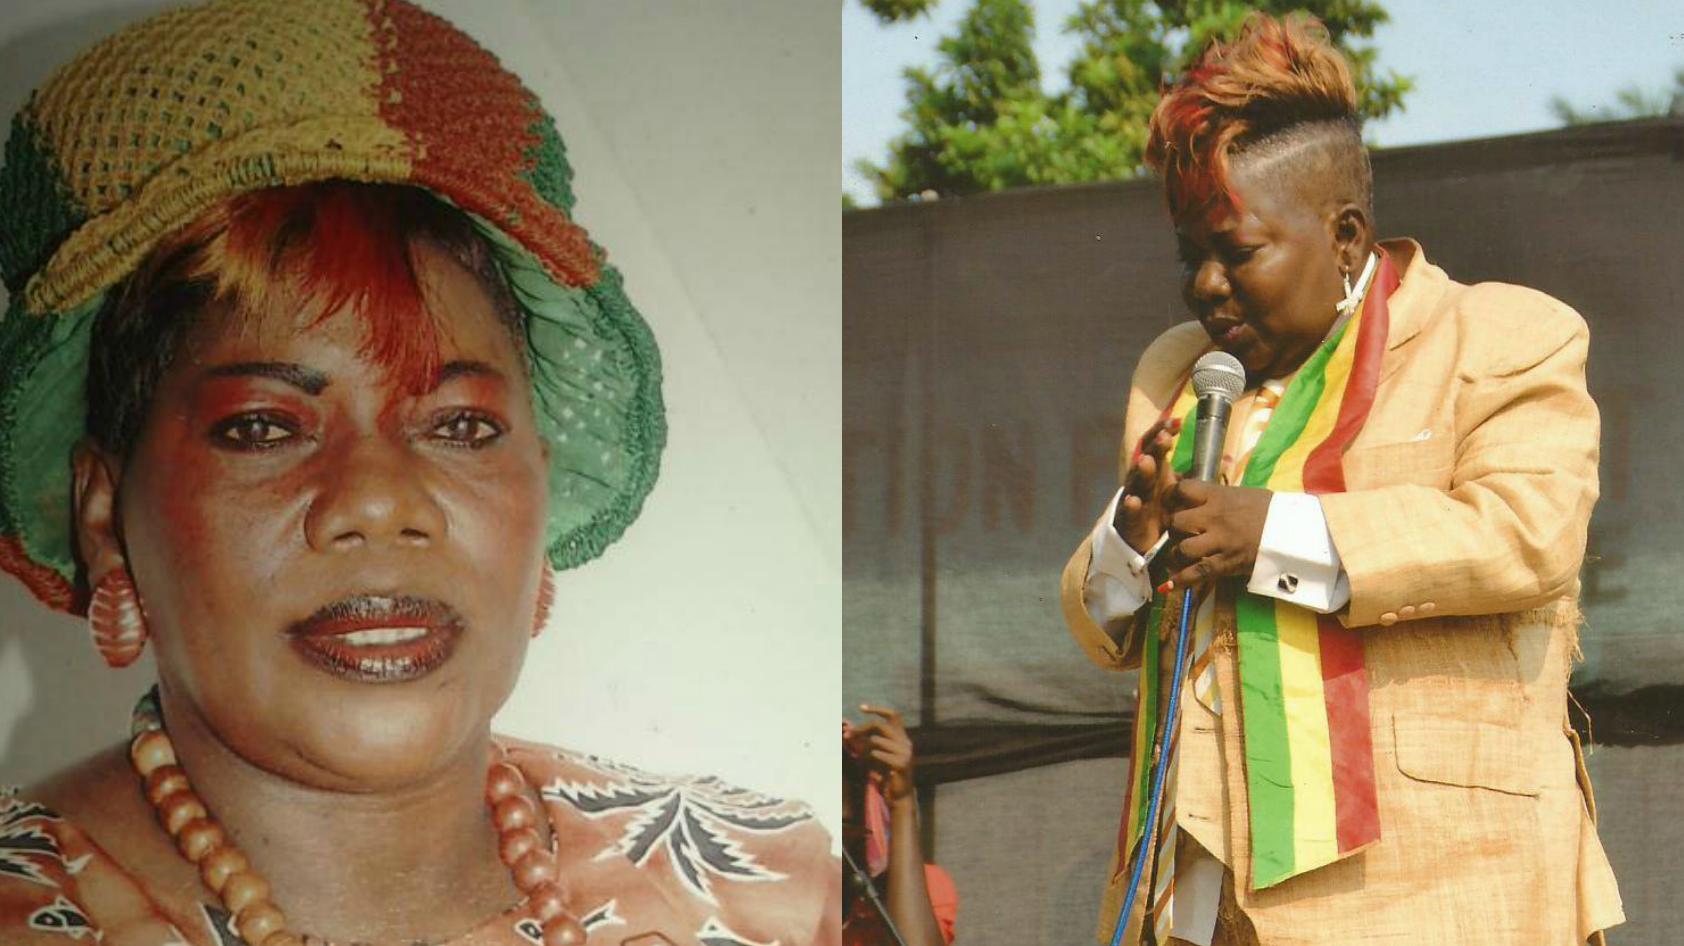 Jacquito Wa Mpungu